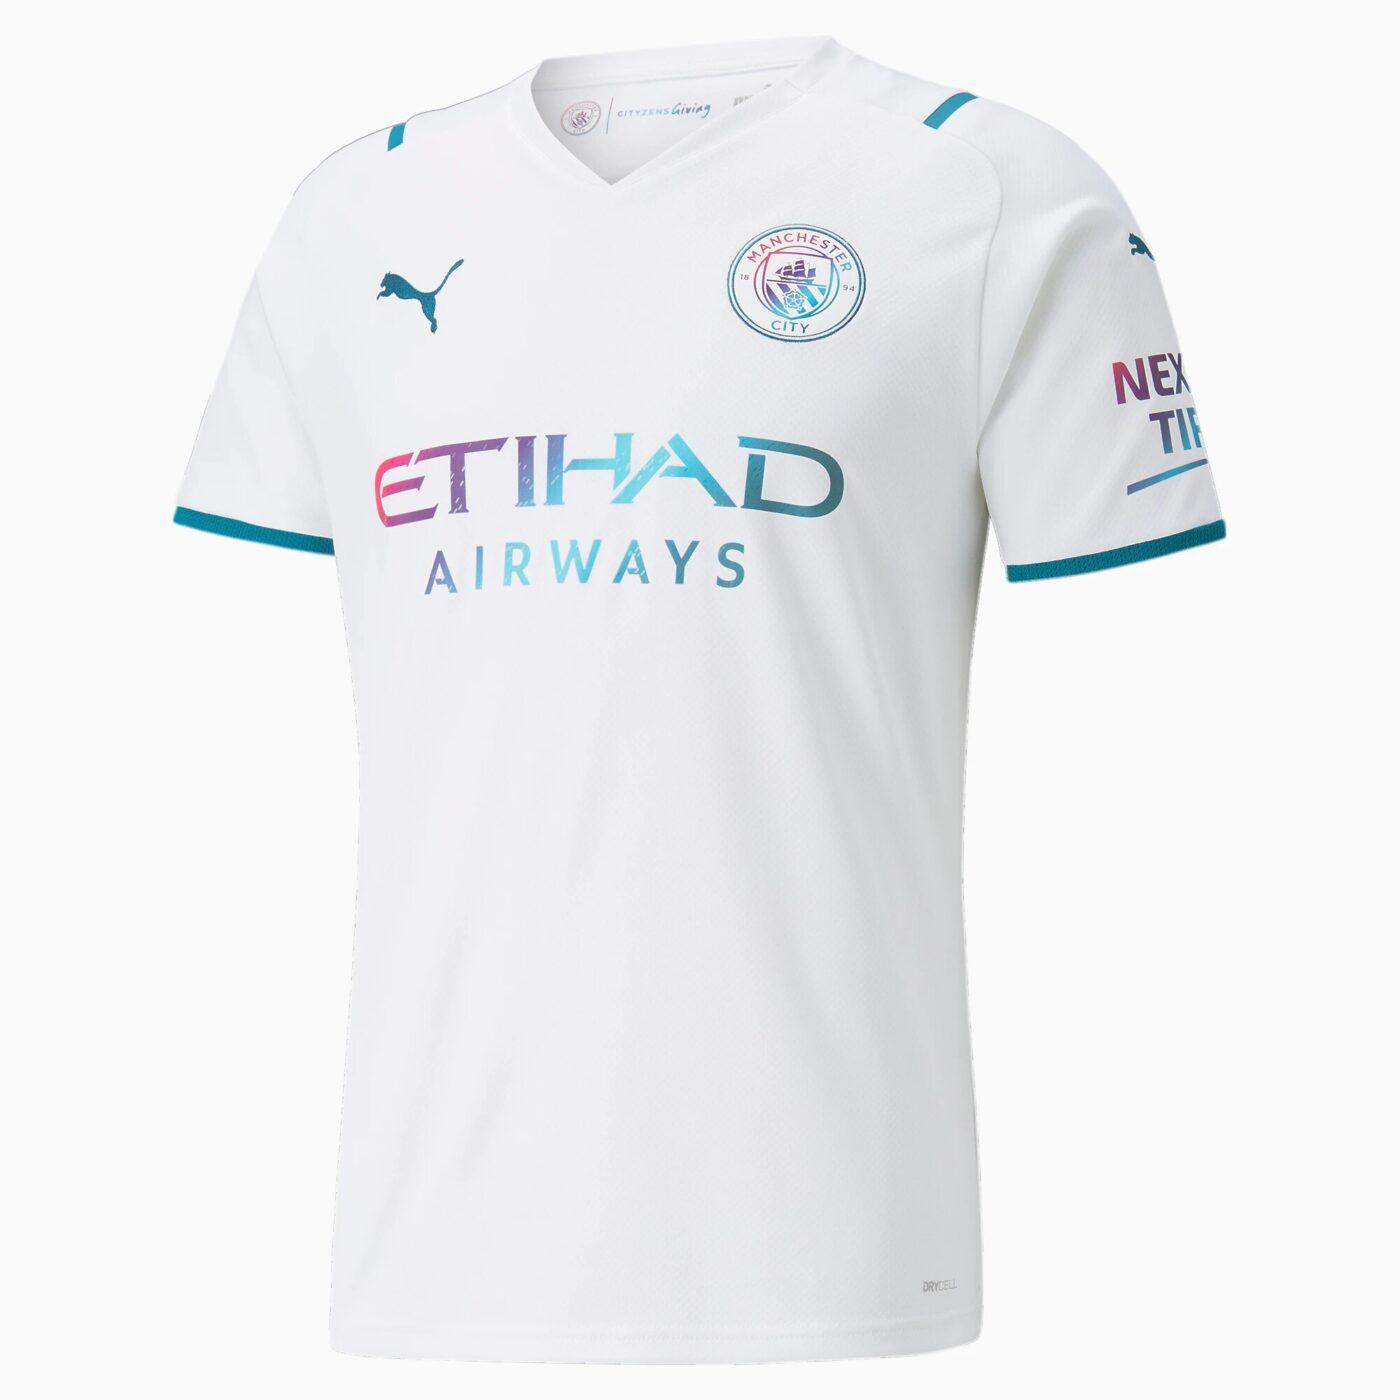 Maillot Manchester City 2021-2022 exterieur PUMA